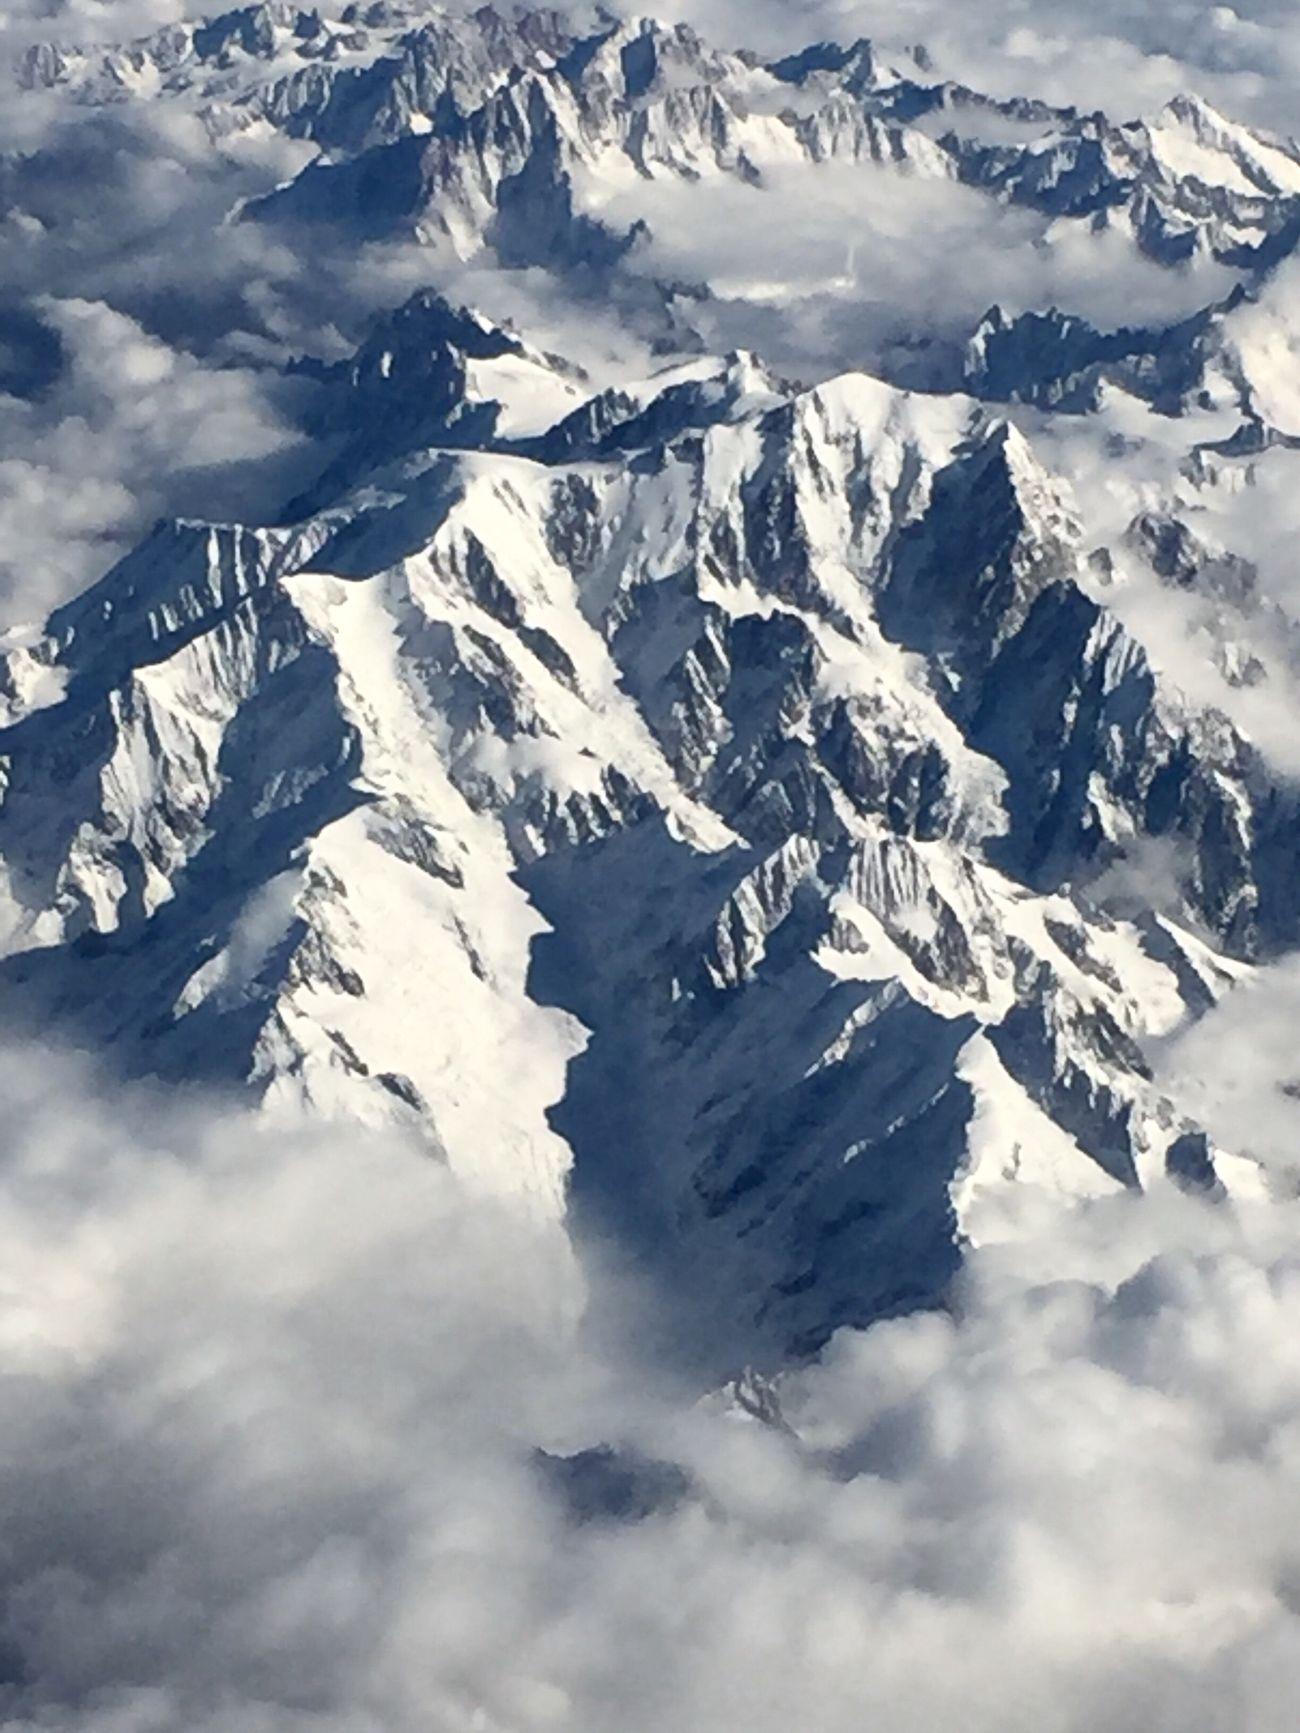 Mountain Snow Landscape Winter Mountain Range Alps Mountains